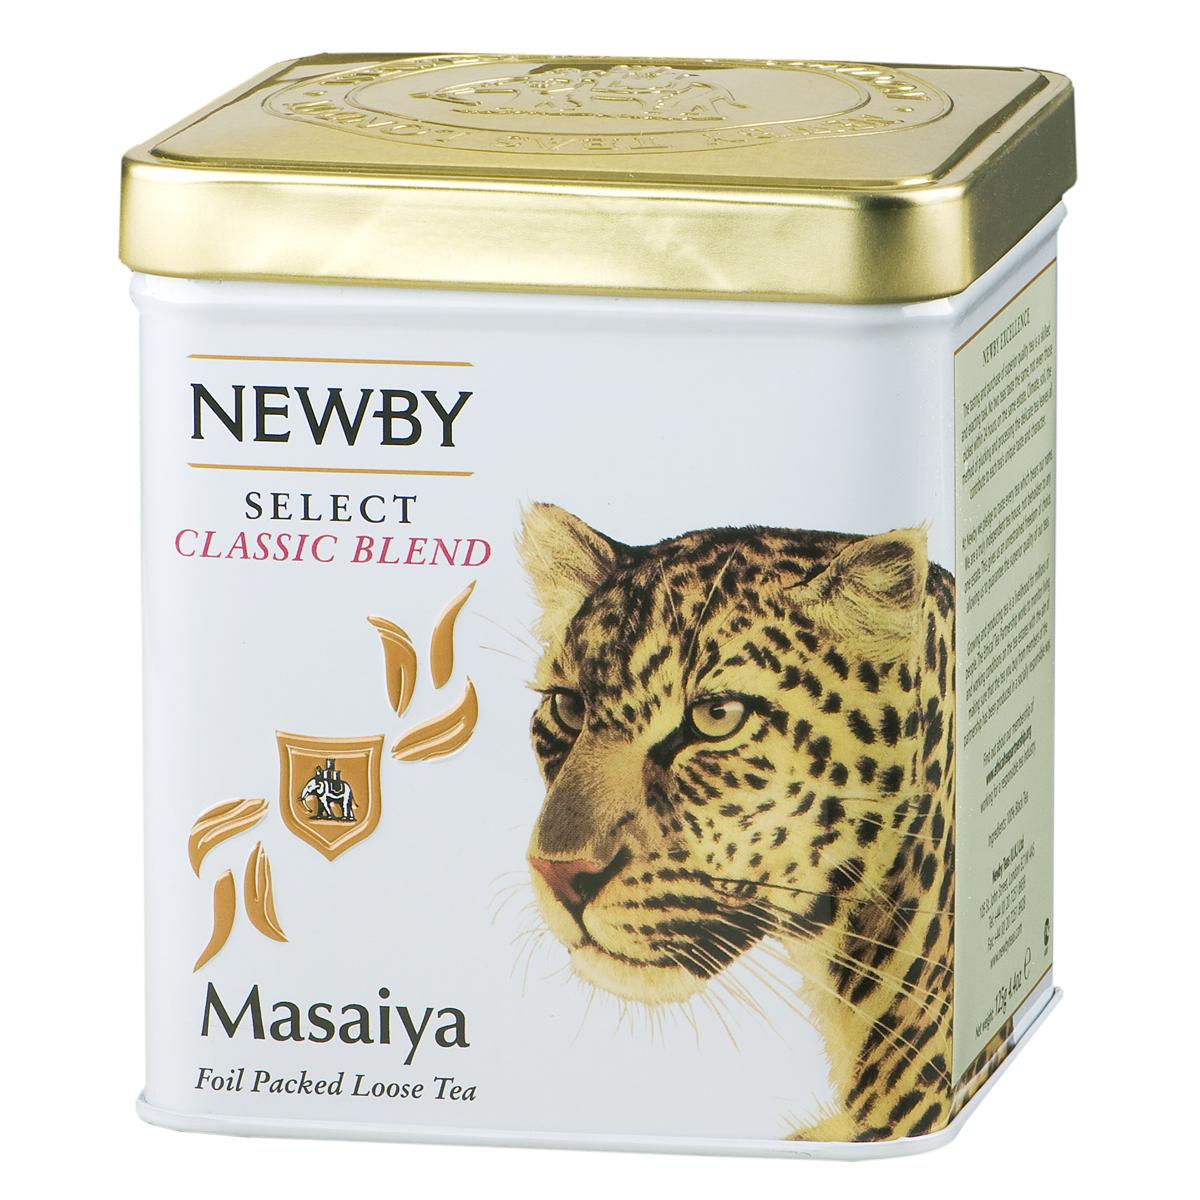 Newby Masaiya черный листовой чай, 125 г130880Среднелистовой африканский чай Newby Masaiya с золотистыми типсами. Крепкая, яркая чашка с потрясающим вкусом и богатым послевкусием.